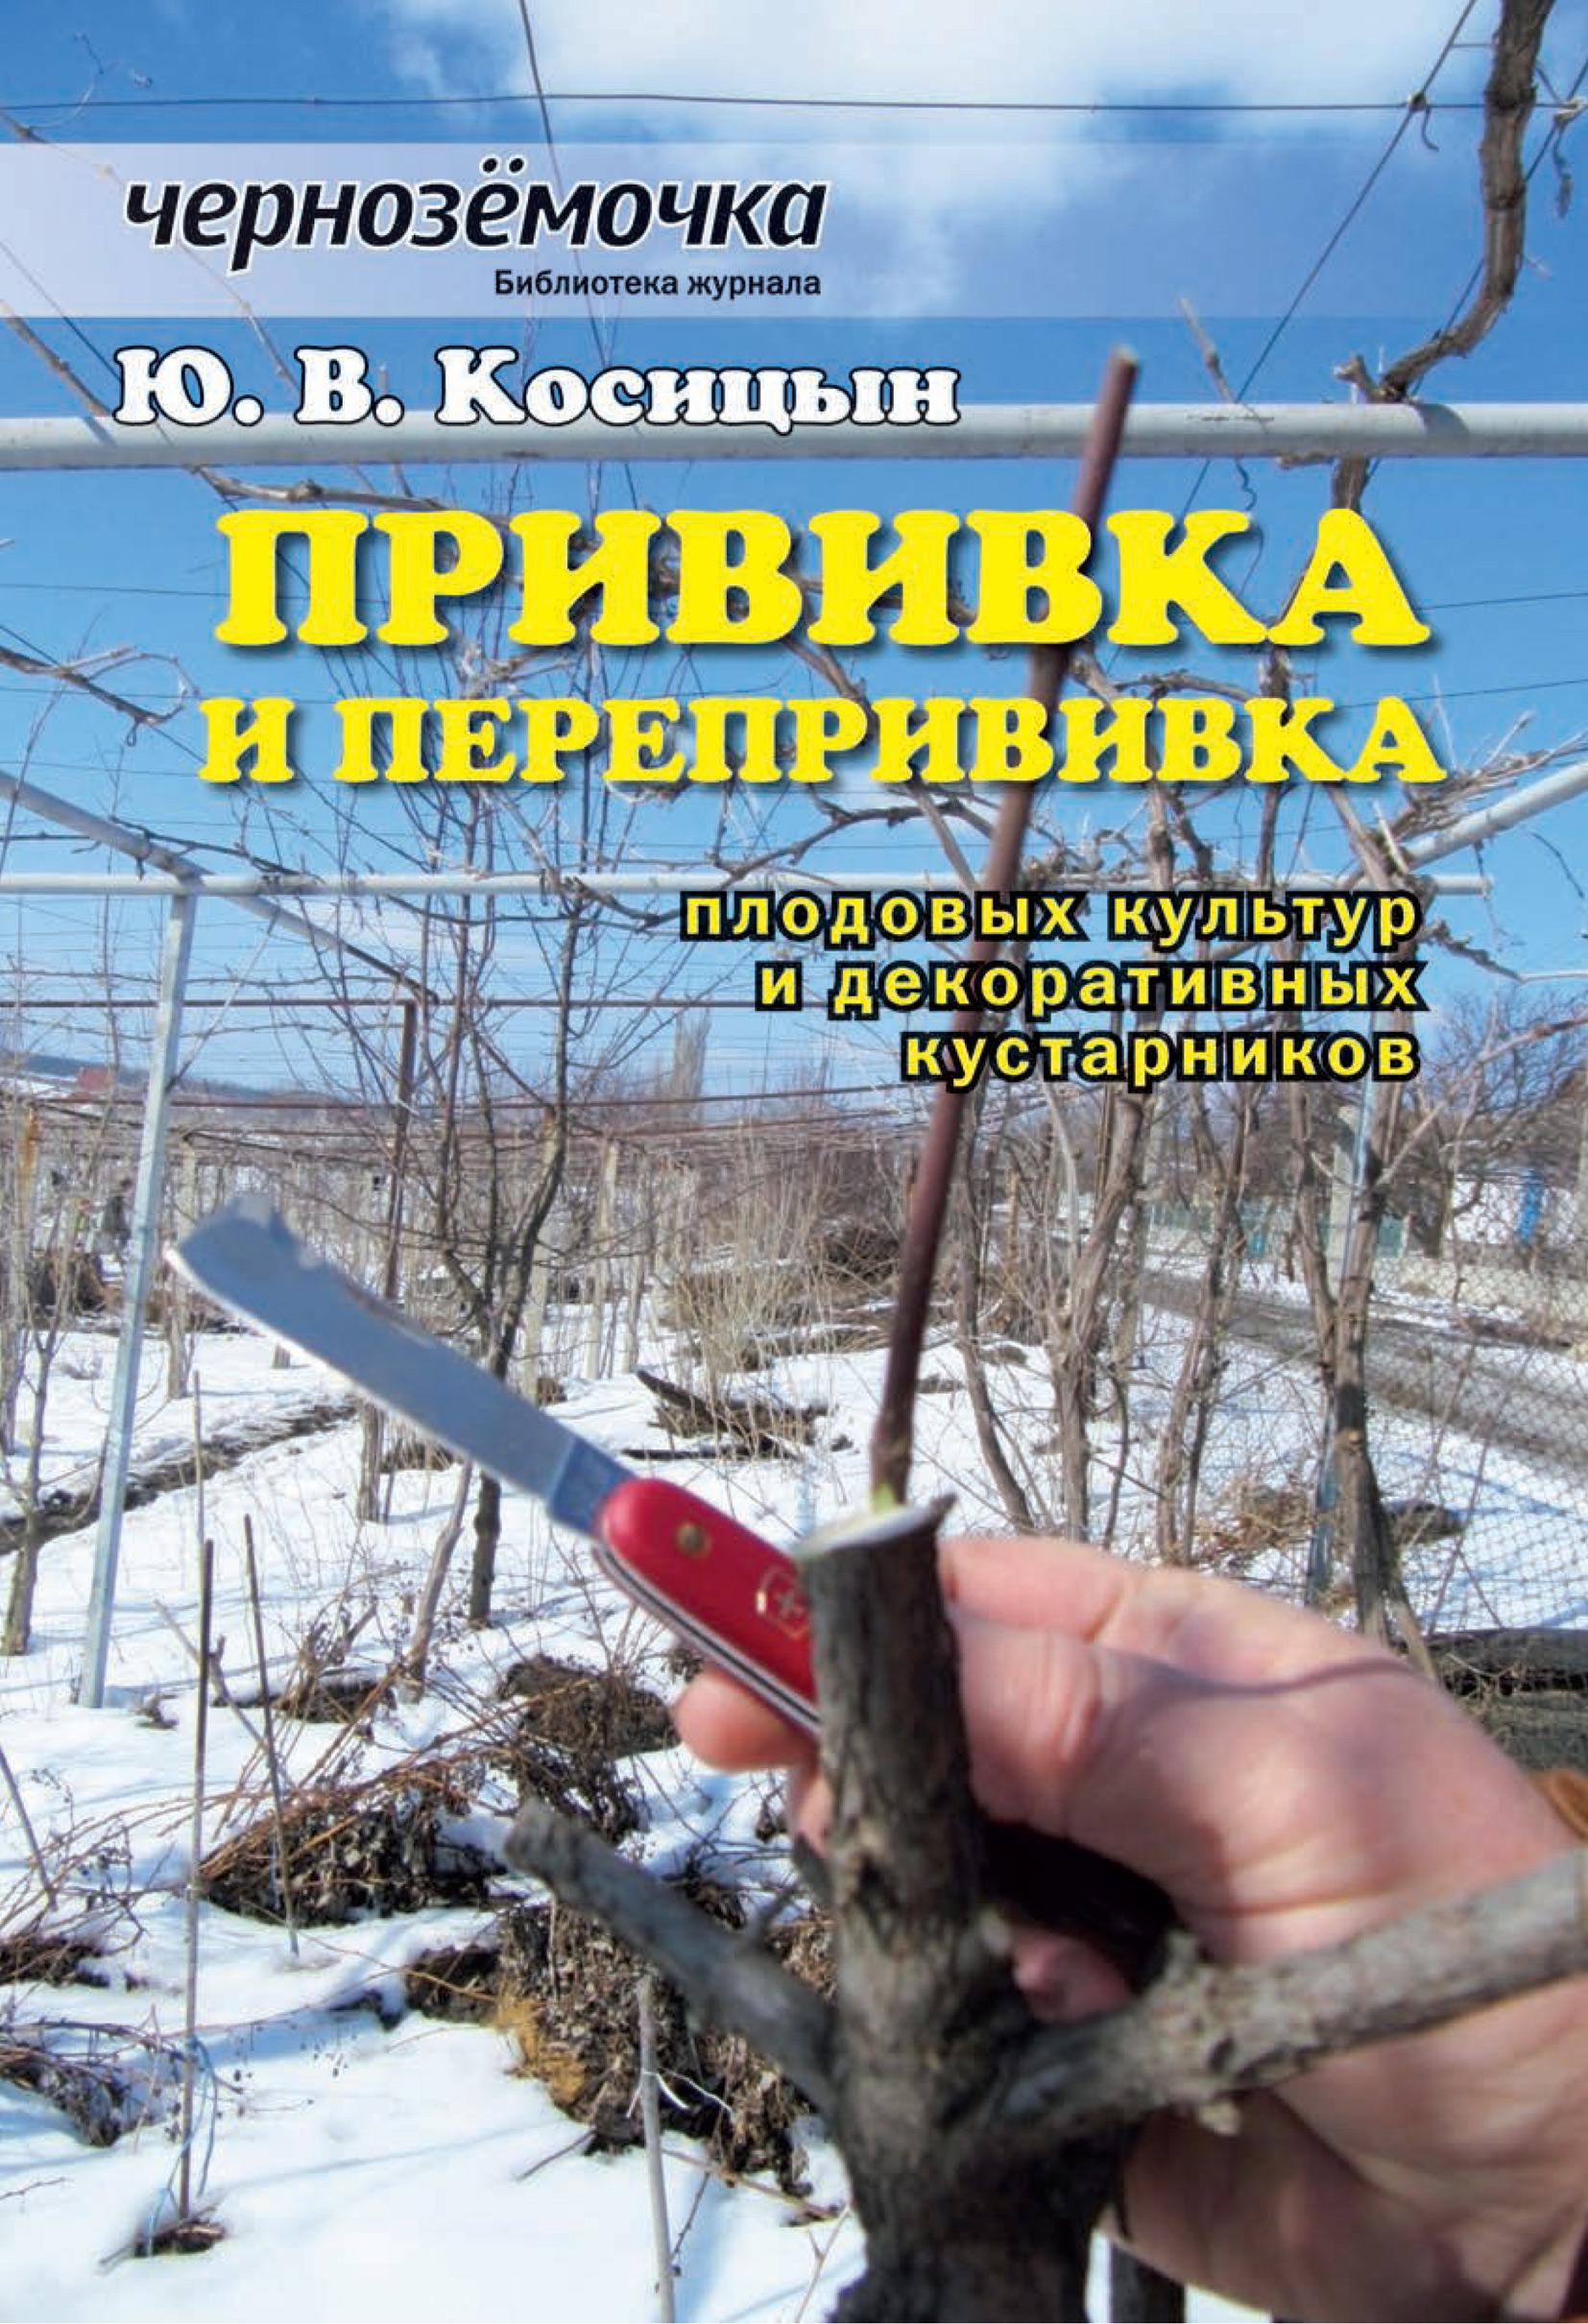 Ю. В. Косицын Прививка и перепрививка плодовых культур и декоративных кустарников